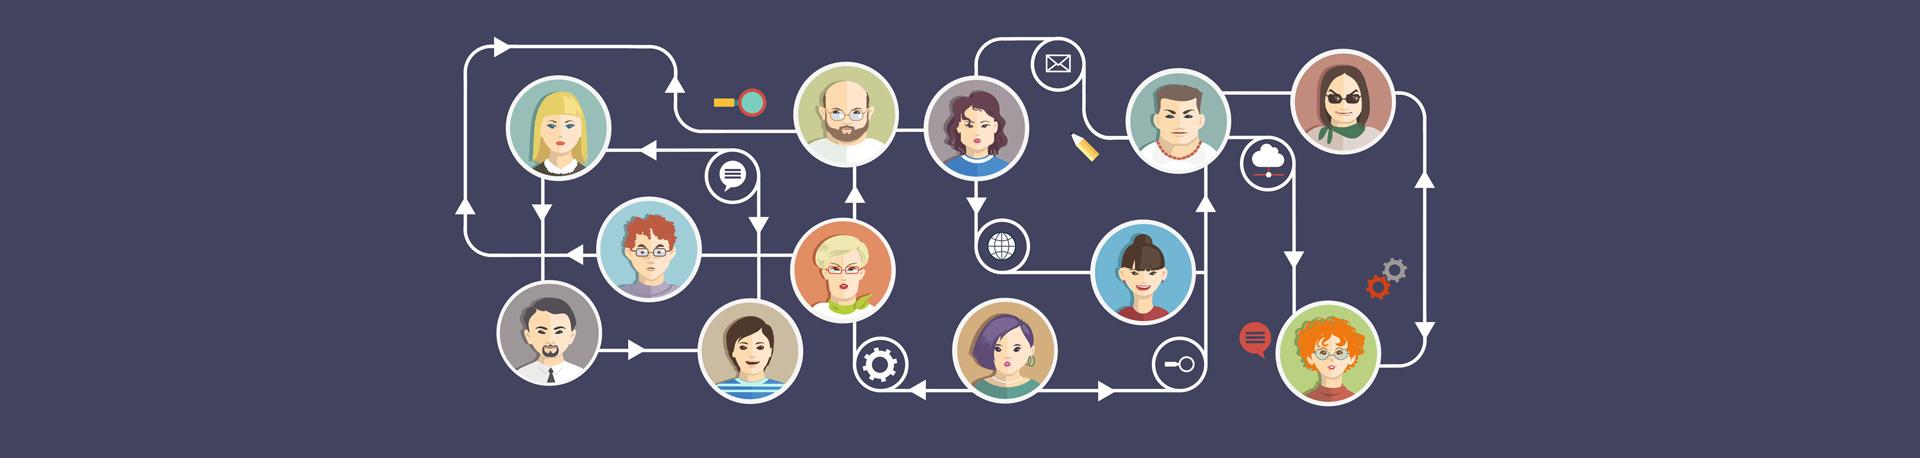 O Que é Networking e Como fazer usando LinkedIn